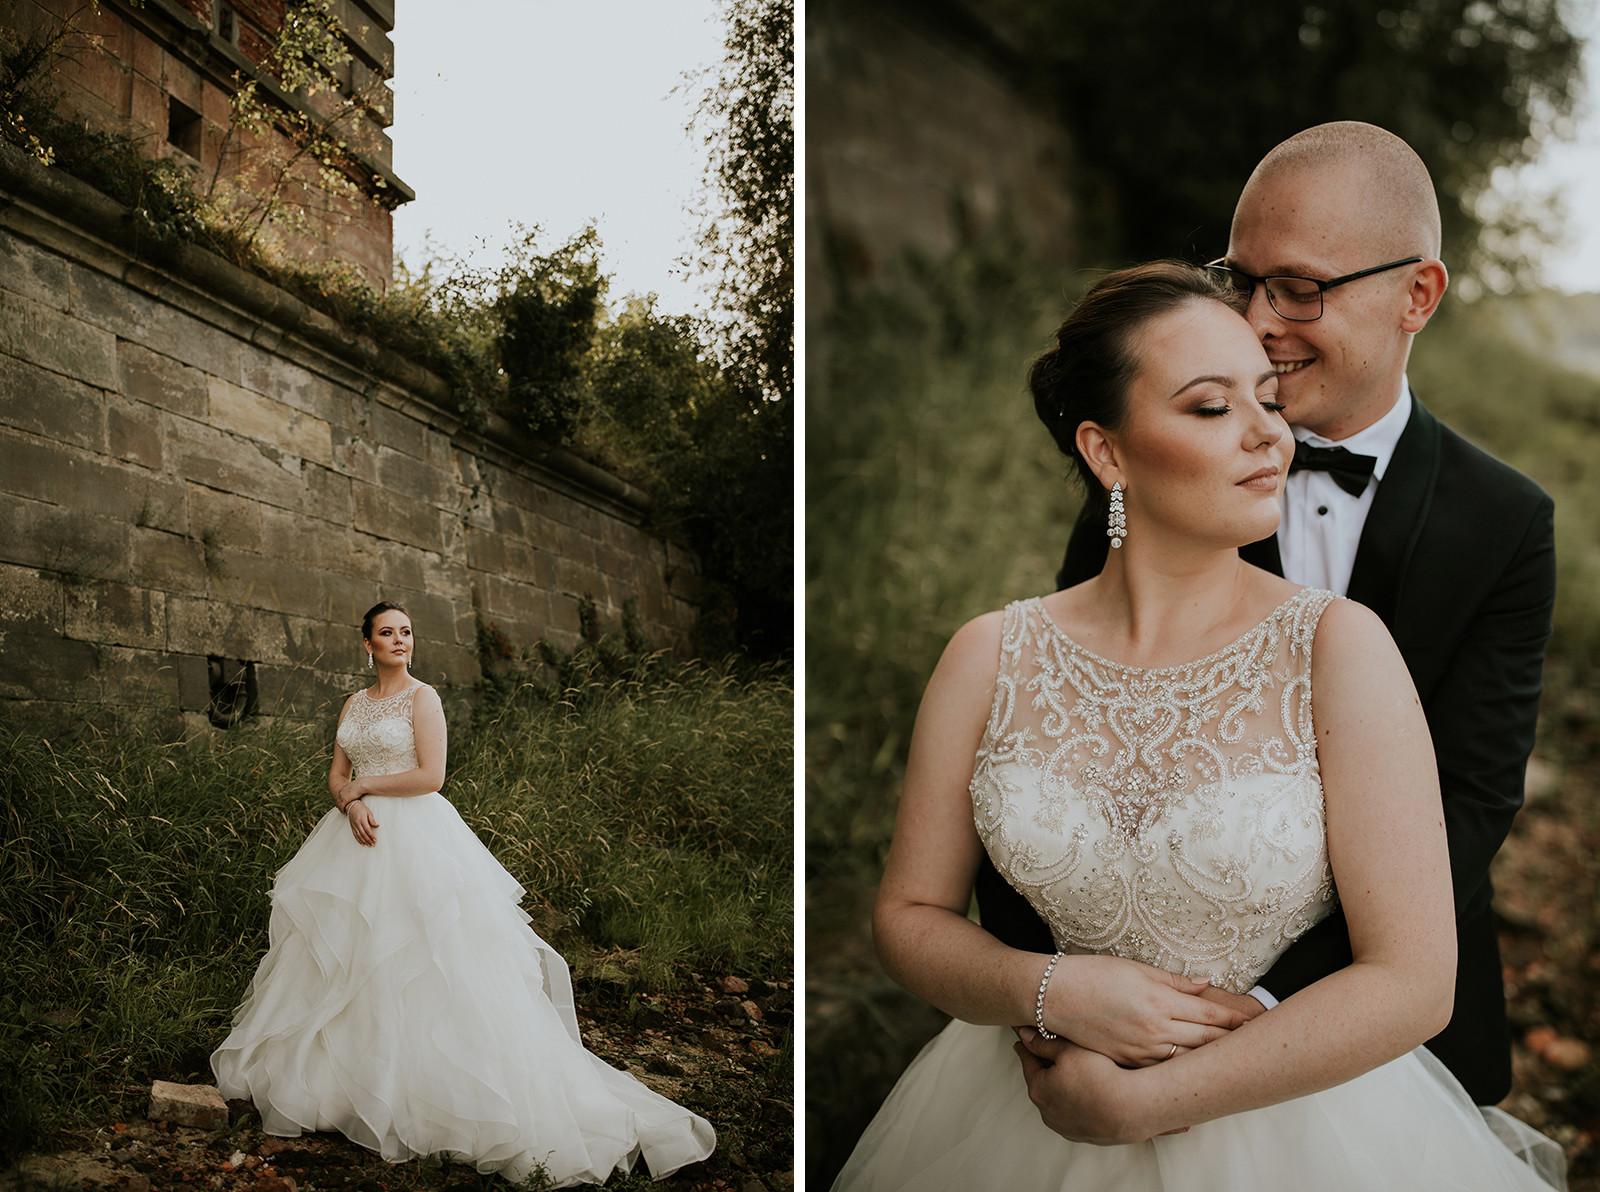 fotograf ślubny warszawa, plener pośłubny warszawa, plener ślubny, najlepszy fotograf na ślub, reportaż ślubny